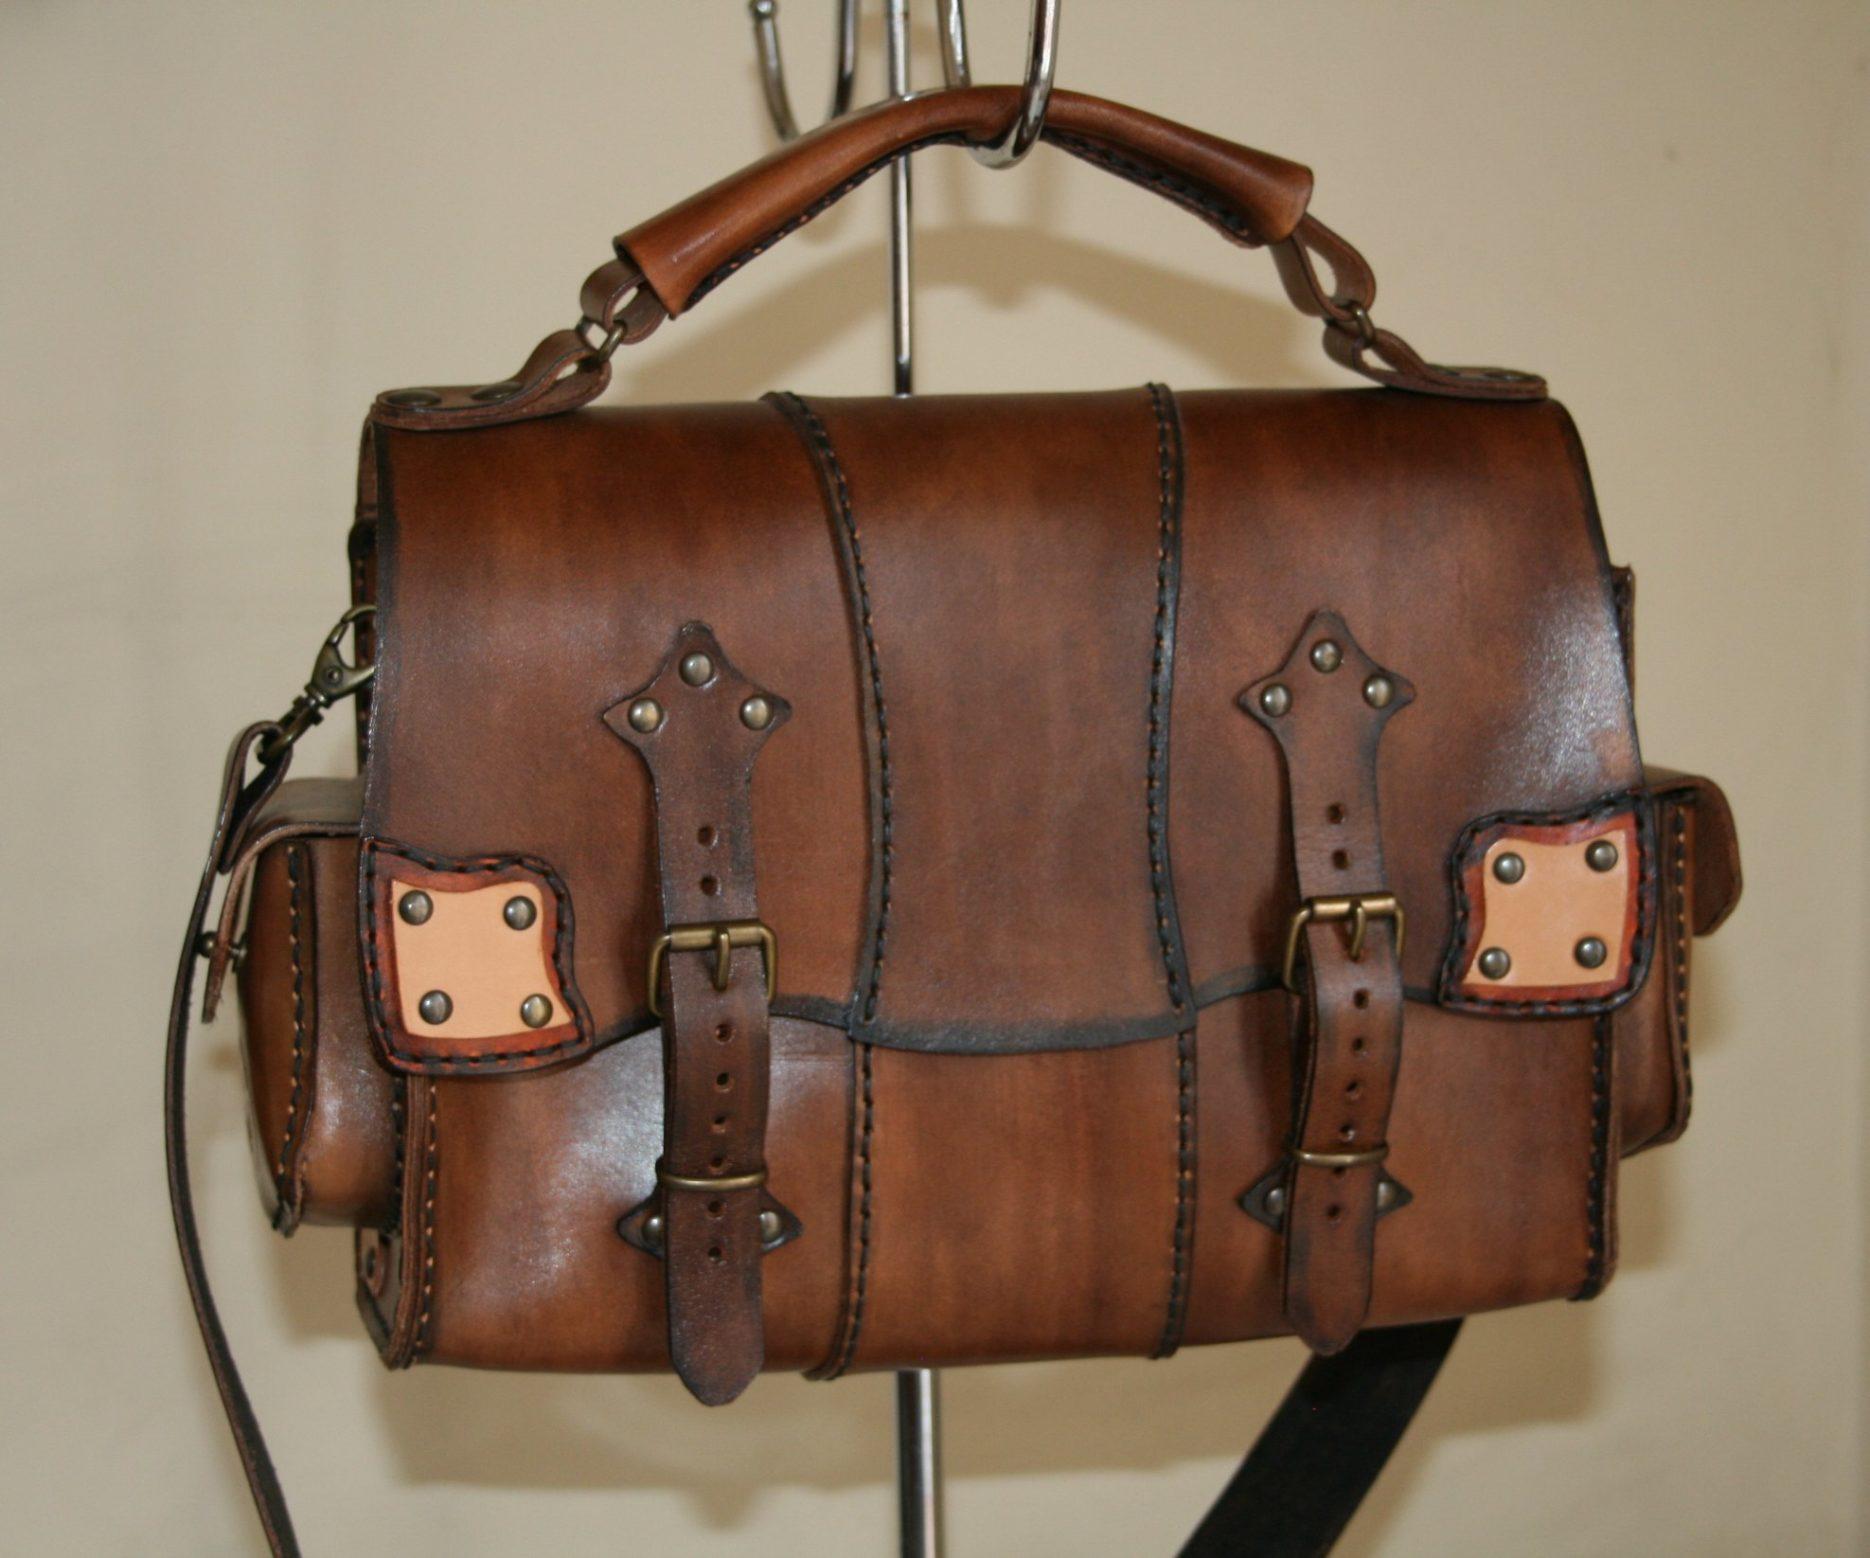 sicilia, catania, cuoio, borse di cuoio, borse artigianali, portafogli, accessori in cuoio, artigianato